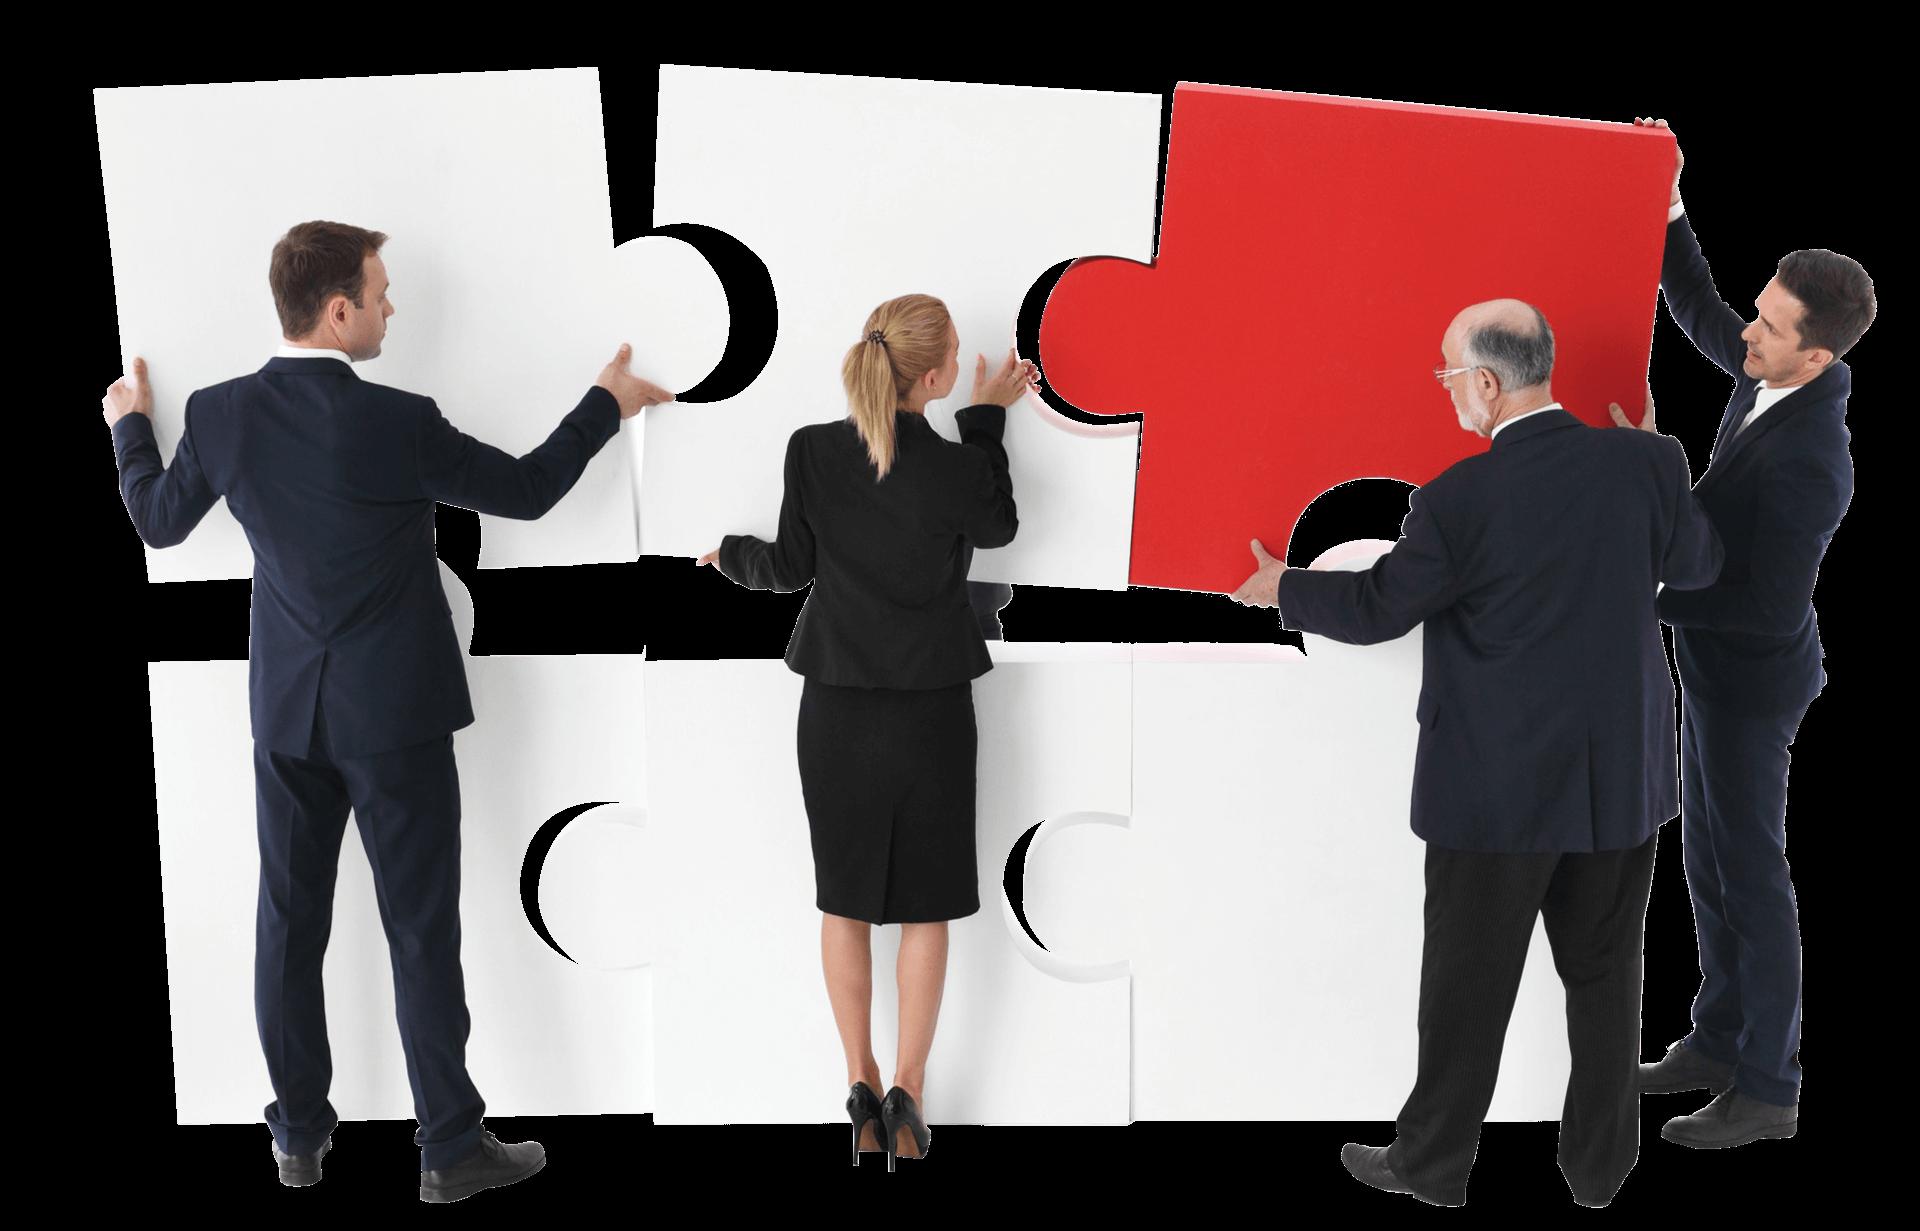 Choisir Actense - L'excellence au service de votre protection sociale